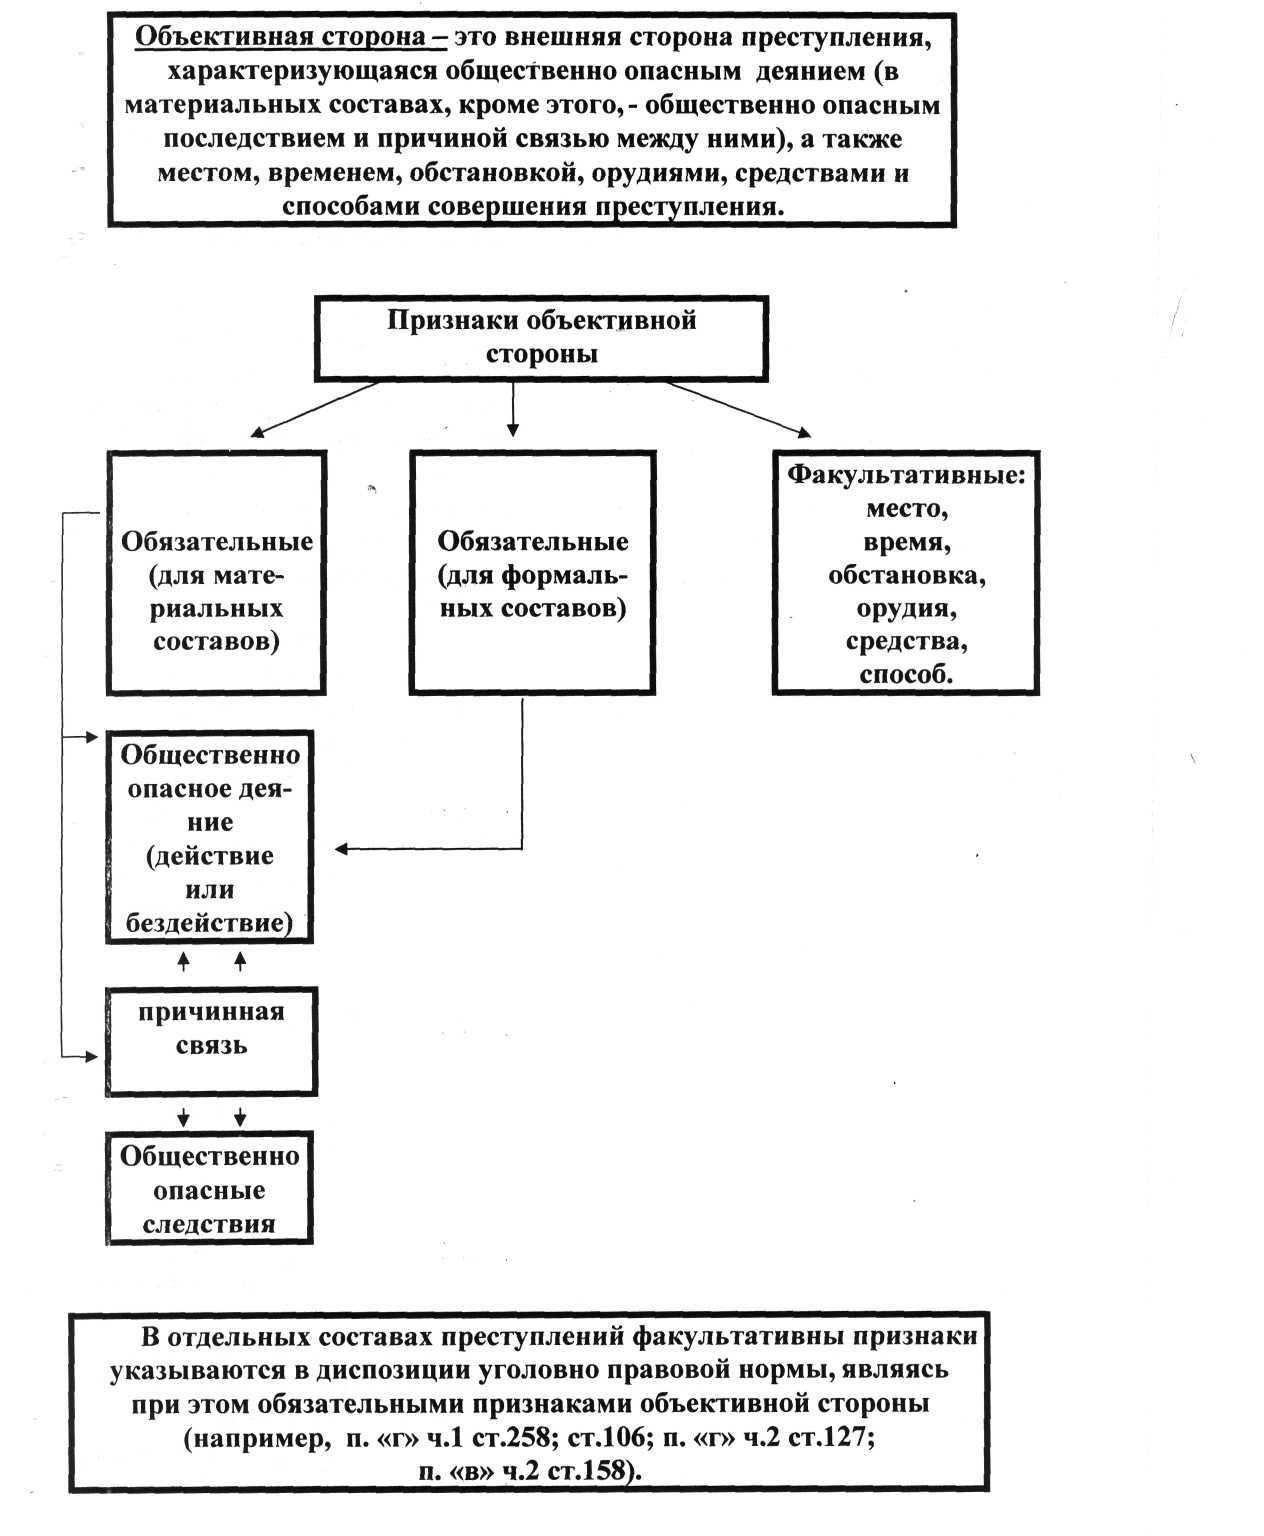 Виды составов преступления  факультативных признаков состава преступления являются процессом фактического доказывания